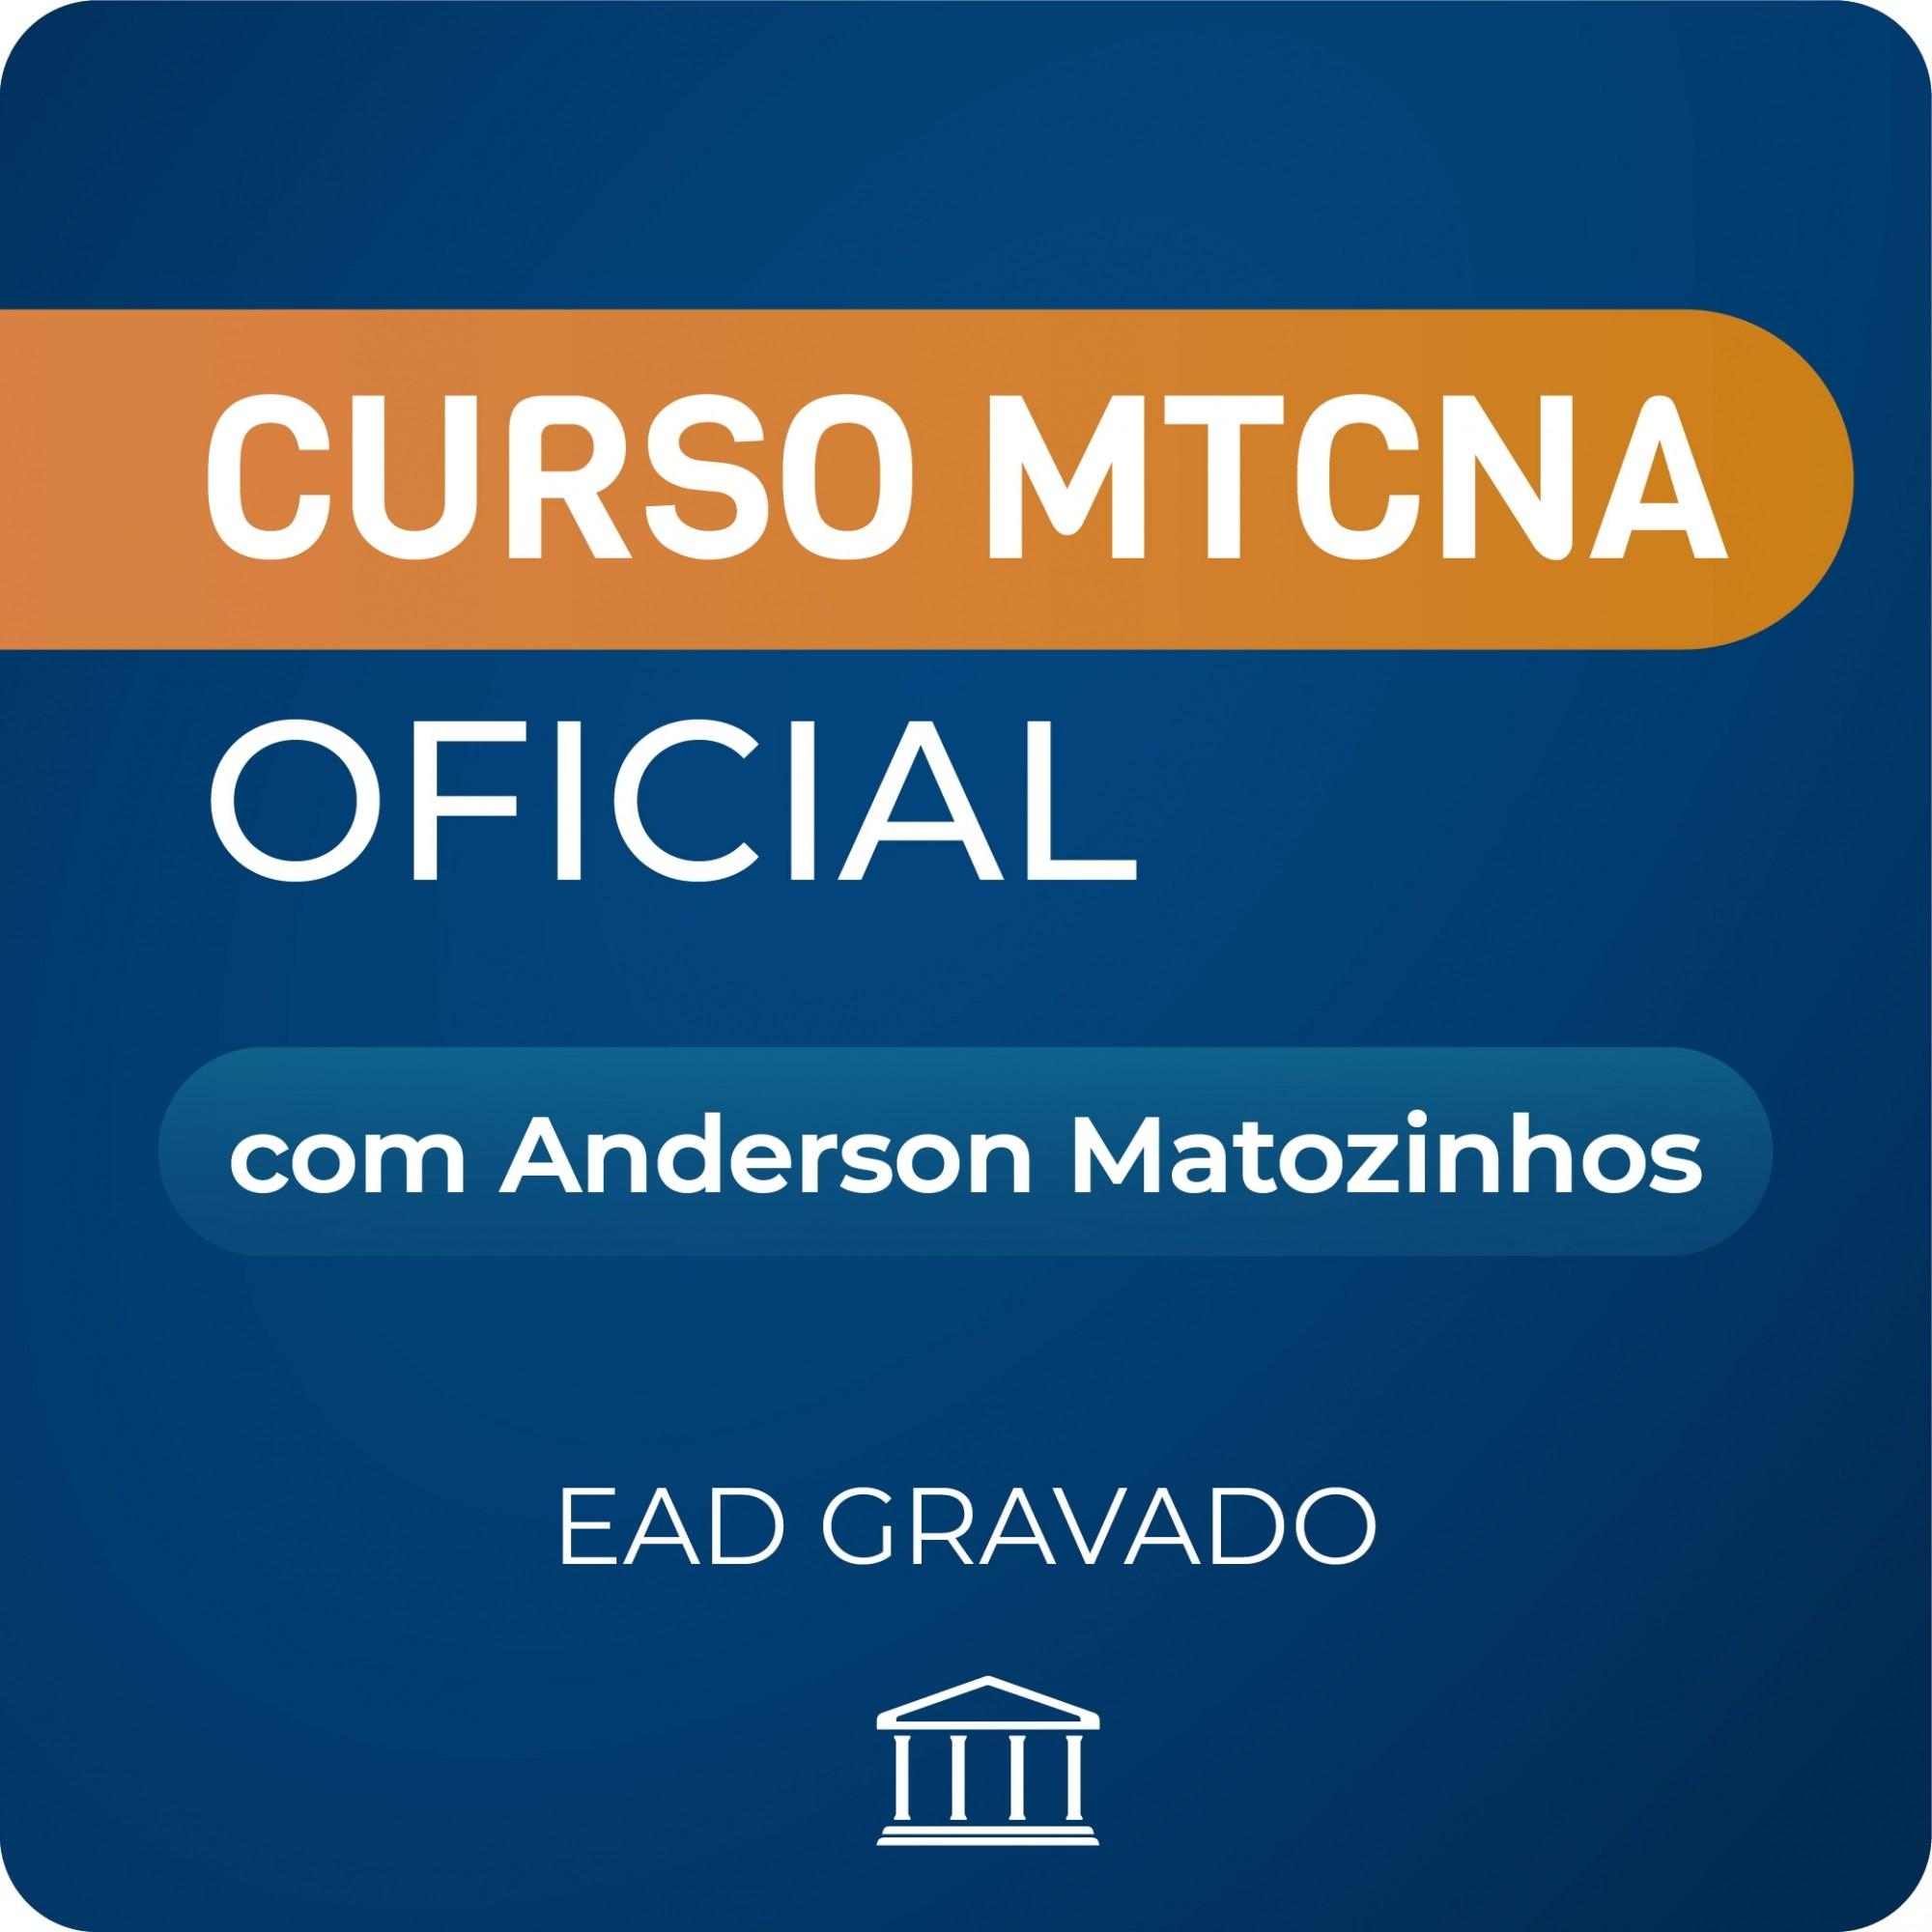 Curso MTCNA com Anderson Matozinhos - GRAVADO  - Voz e Dados